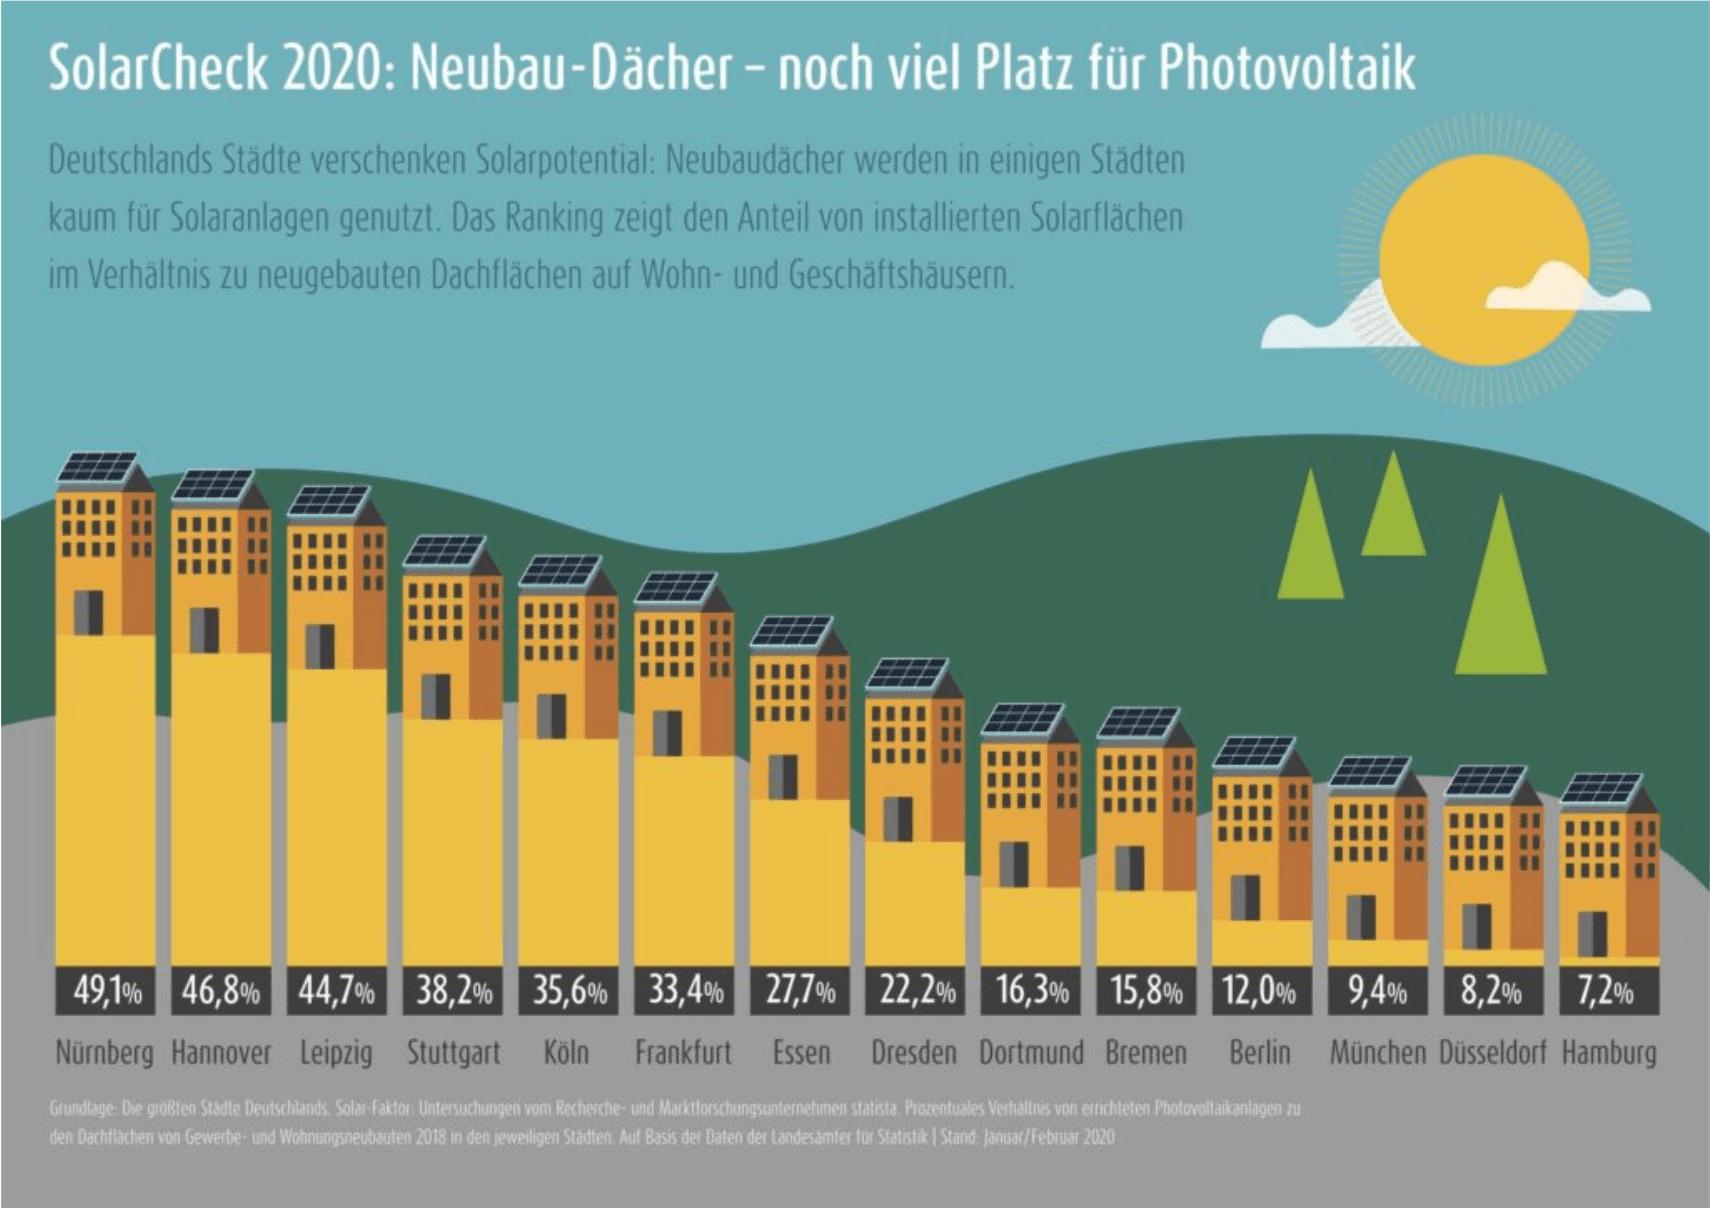 Установка СЭС на крыше домов в Германии